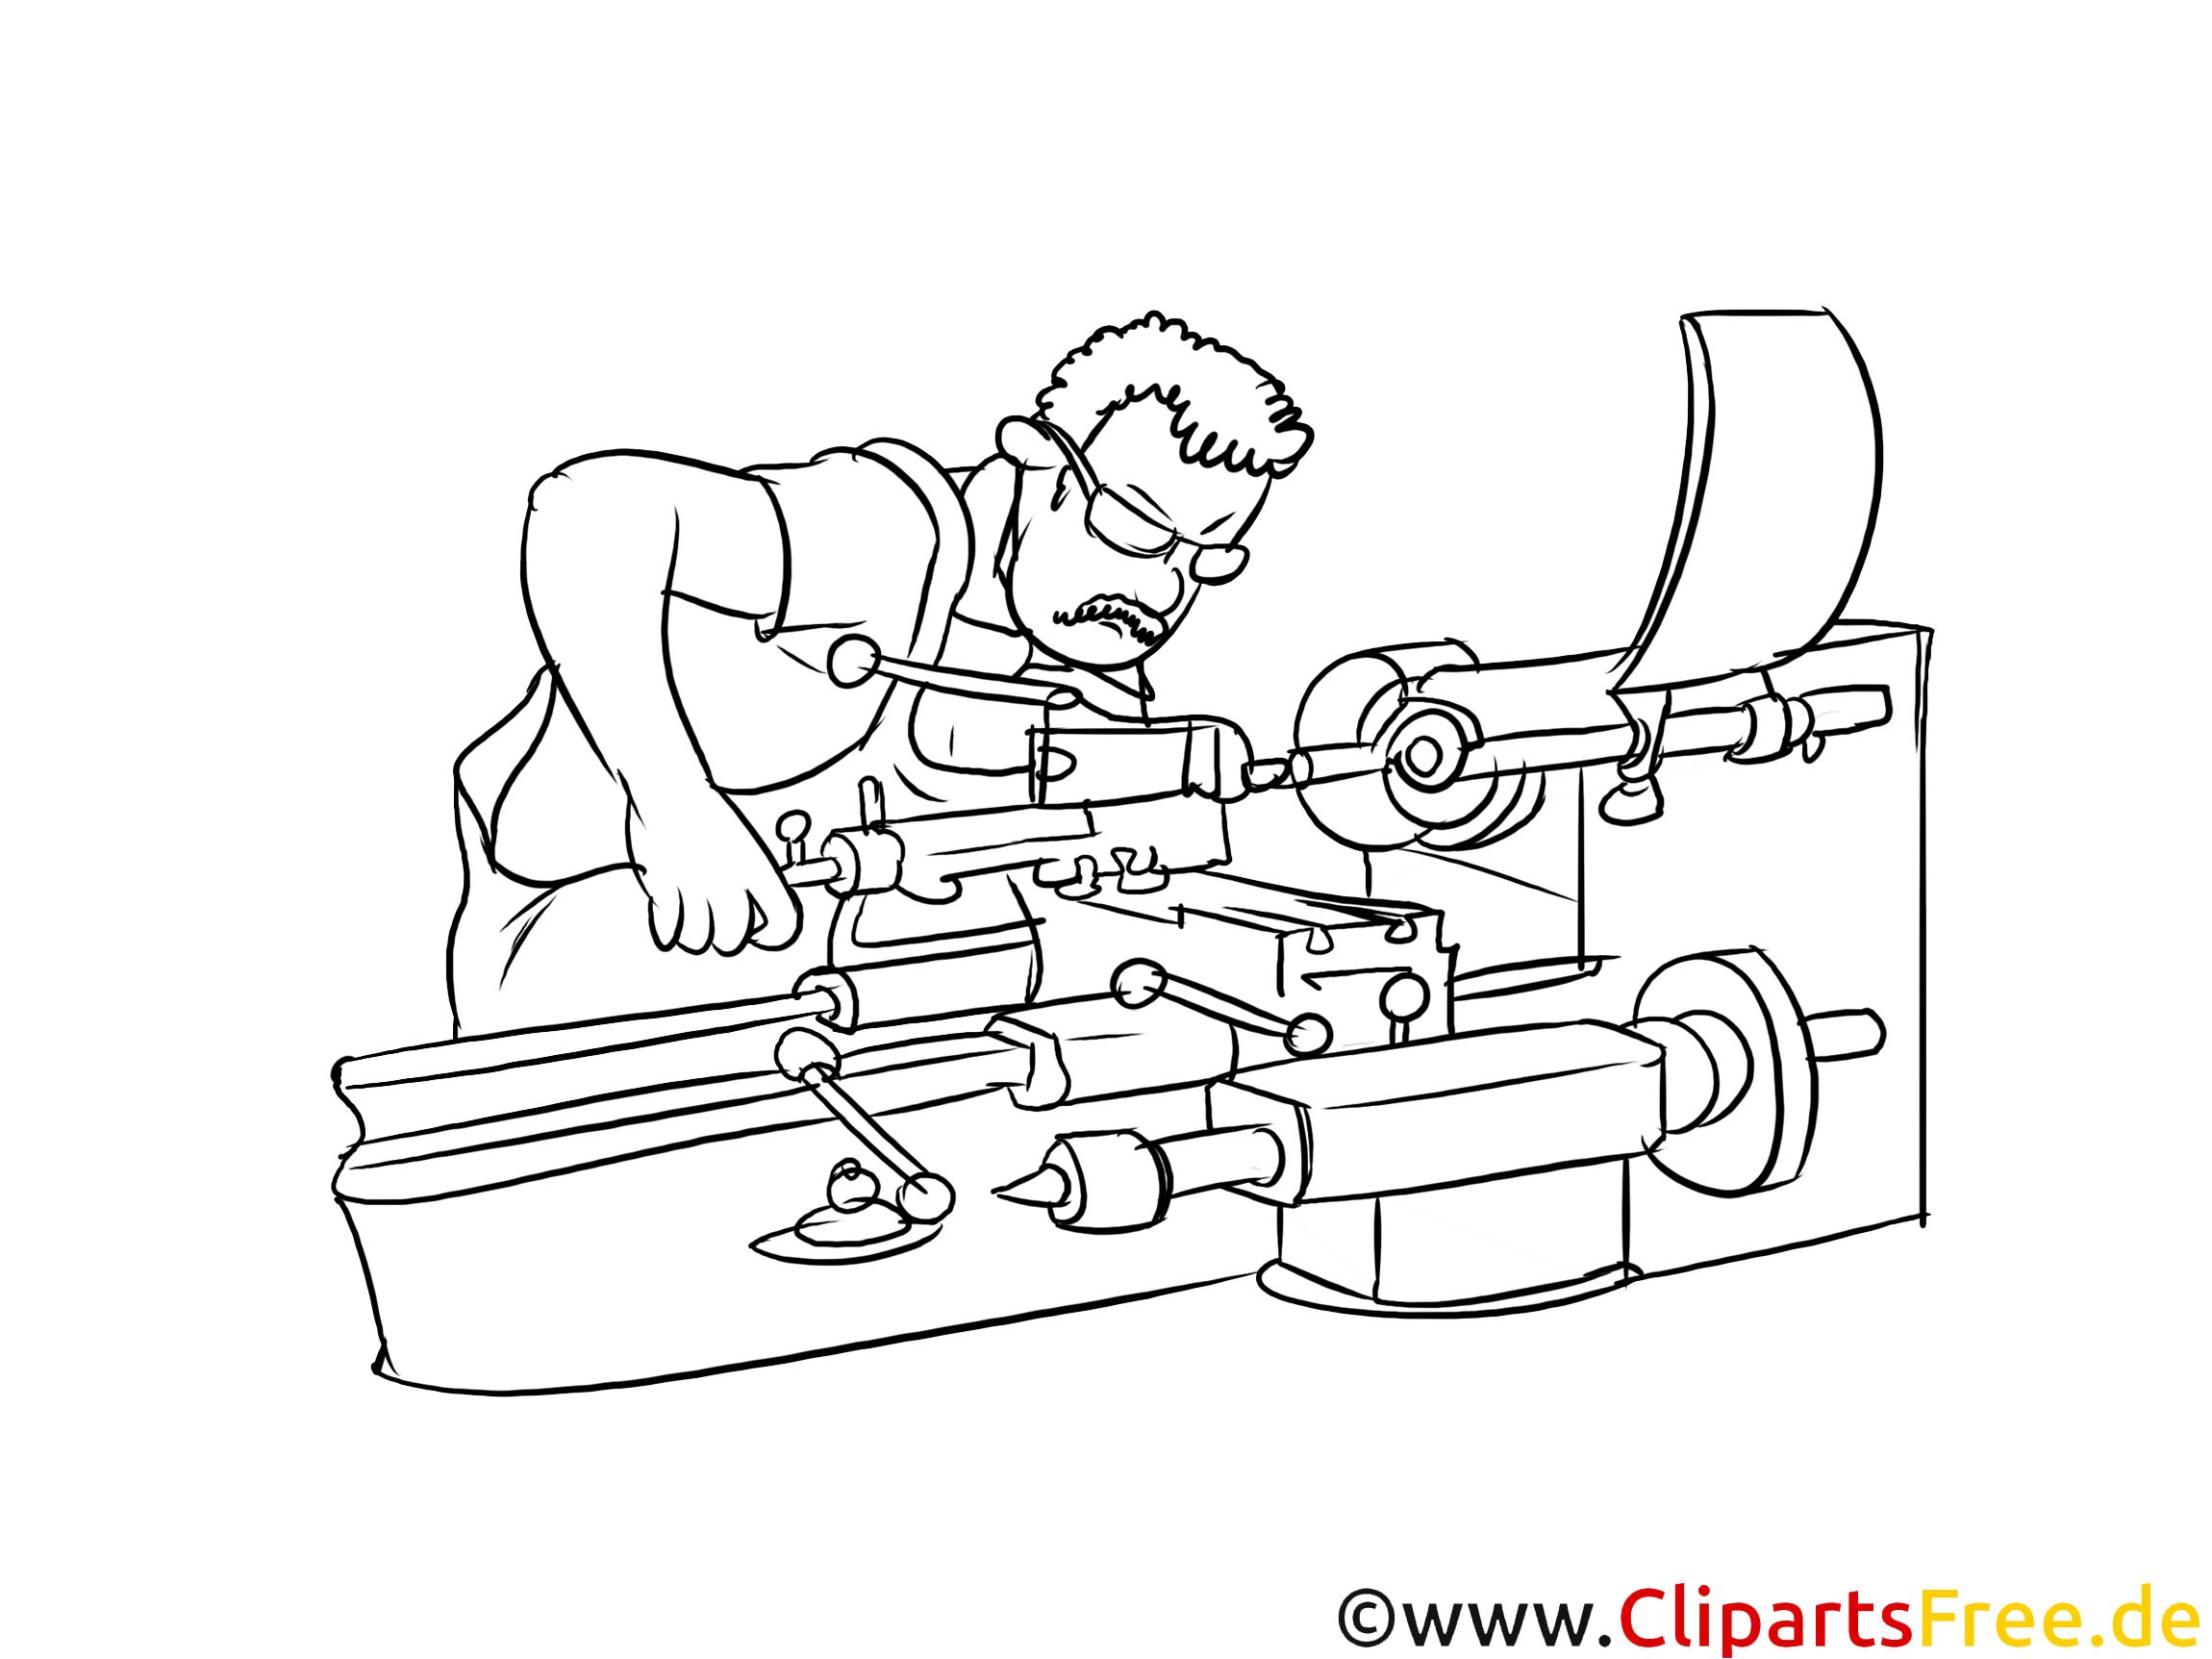 Feinwerkmechaniker Clipart, Grafik, Bild schwarz-weiß